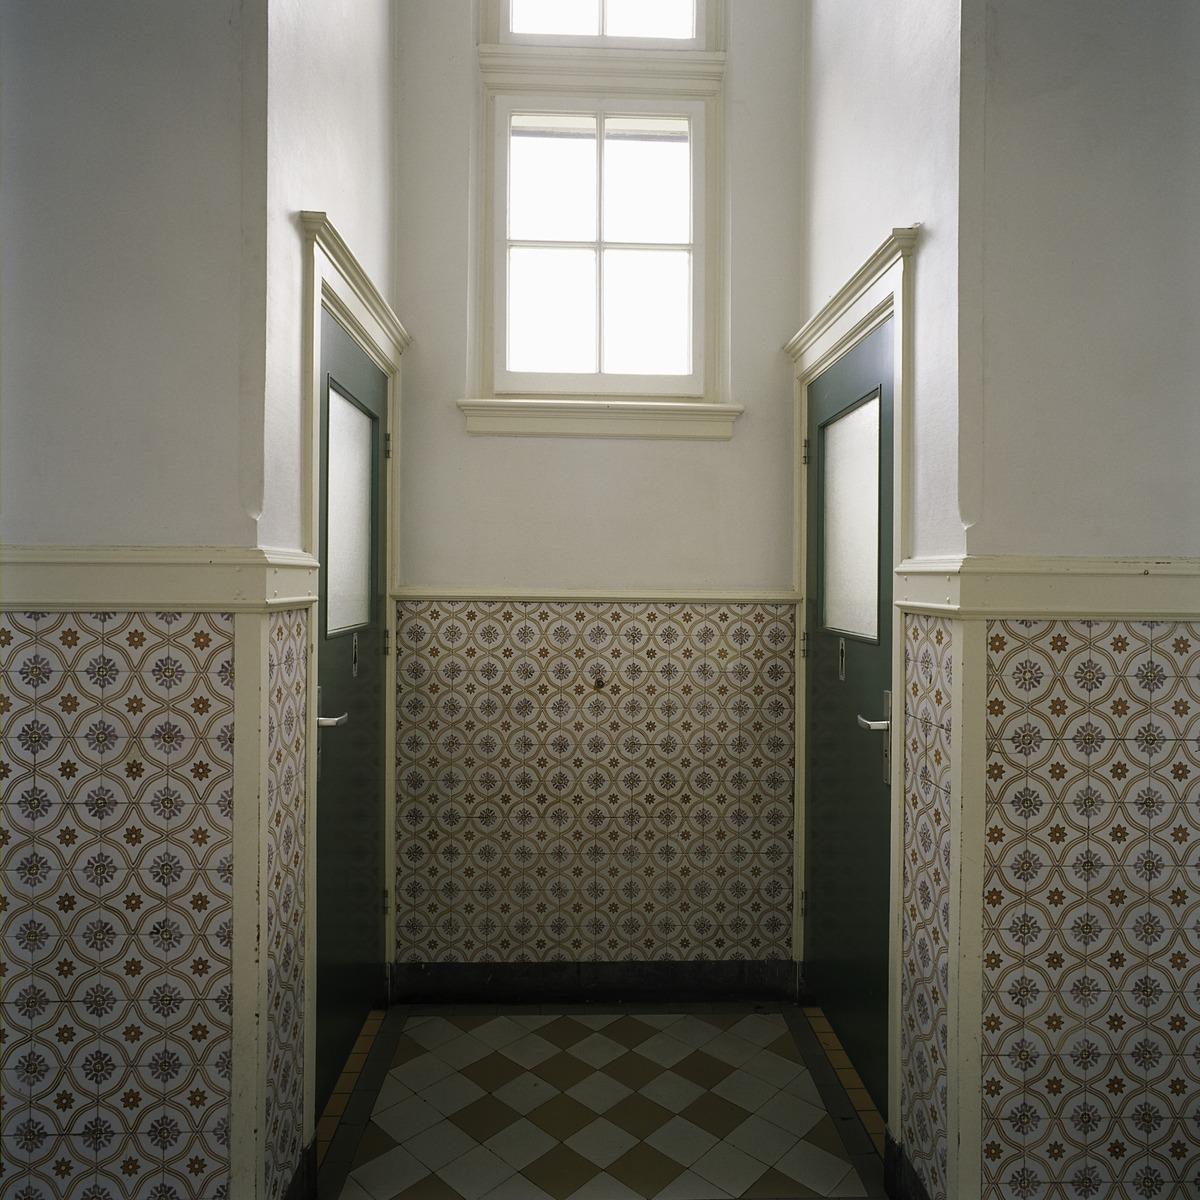 File interieur overzicht van een toiletnis in een gang met een lambrisering van geglazuurde - Een gang ...